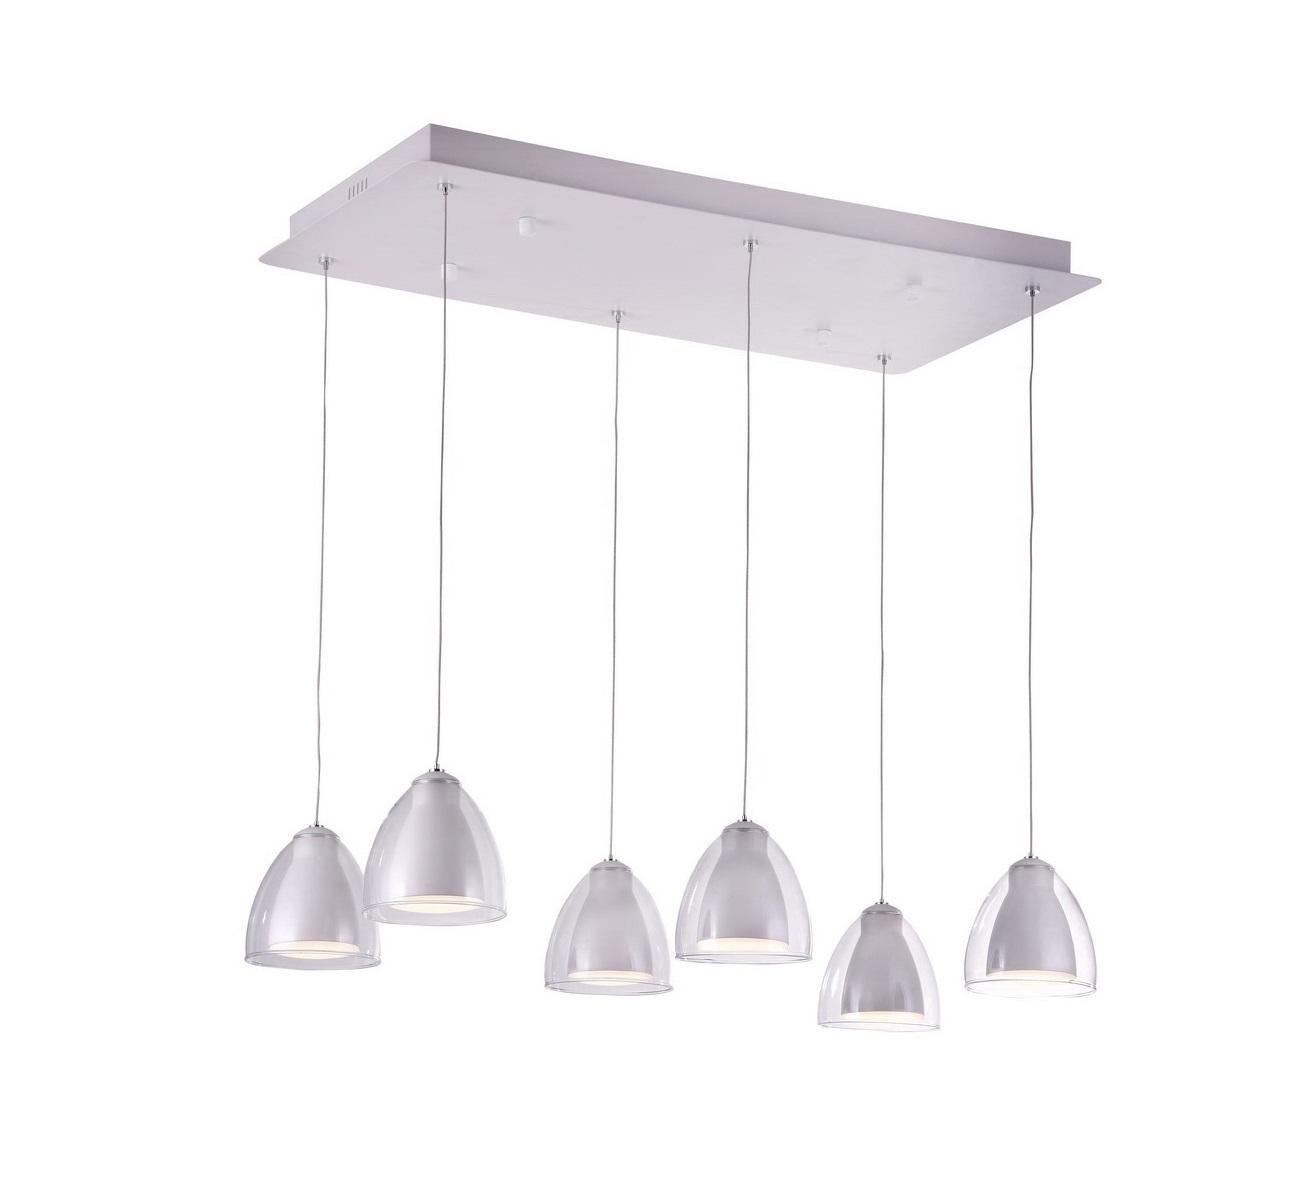 Светильник подвесной MirellaЛюстры подвесные<br>Светодиодный подвесной светильник в стиле Хай-Тек. Светильник со встроенной светодиодной матрицей общей мощностью 18W (Эквивалент лампы накаливания 120 W). Цветовая температура 4000-4200К. <br>Высоту подвеса светильника можно регулировать от 20см до 100см.<br>Светильник поставляется в собранном виде и имеет в комплекте все необходимые для монтажа крепежные элементы.&amp;lt;div&amp;gt;&amp;lt;br&amp;gt;&amp;lt;/div&amp;gt;&amp;lt;div&amp;gt;&amp;lt;div&amp;gt;Цоколь: LED&amp;lt;/div&amp;gt;&amp;lt;div&amp;gt;Мощность лампы: 18W&amp;lt;/div&amp;gt;&amp;lt;div&amp;gt;Количество ламп: 6&amp;lt;/div&amp;gt;&amp;lt;/div&amp;gt;<br><br>Material: Металл<br>Width см: 70<br>Depth см: 35<br>Height см: 100